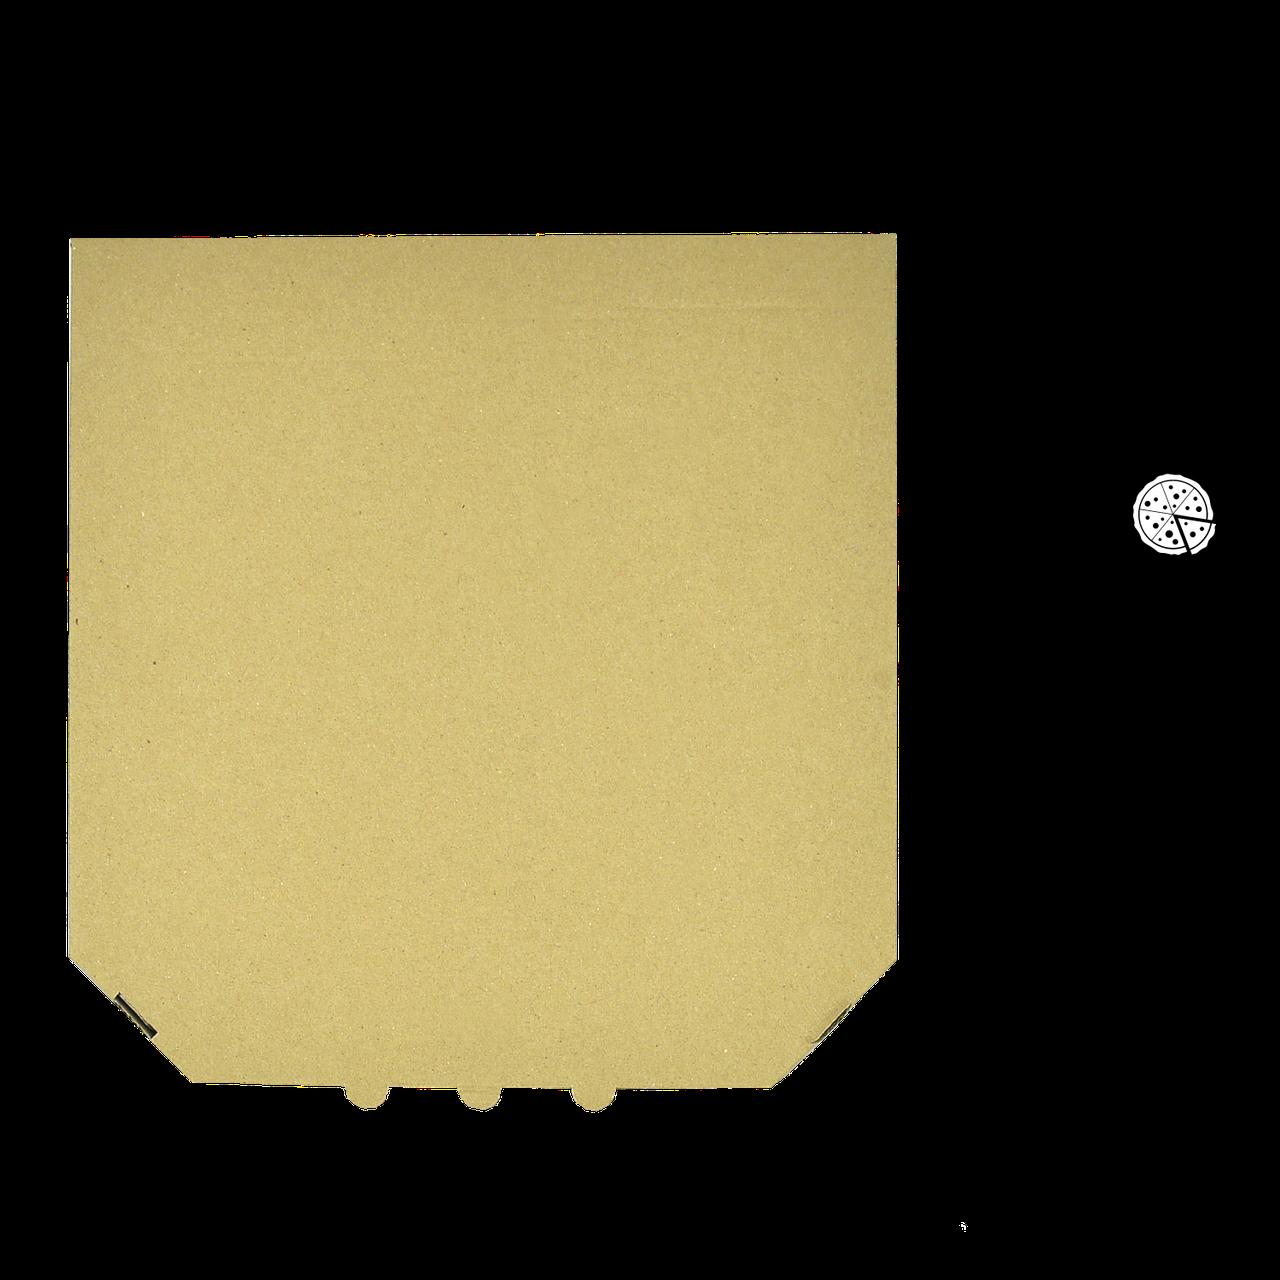 Коробка для пиццы, 32 см бурая, 320*320*35, мм (1уп/50шт)